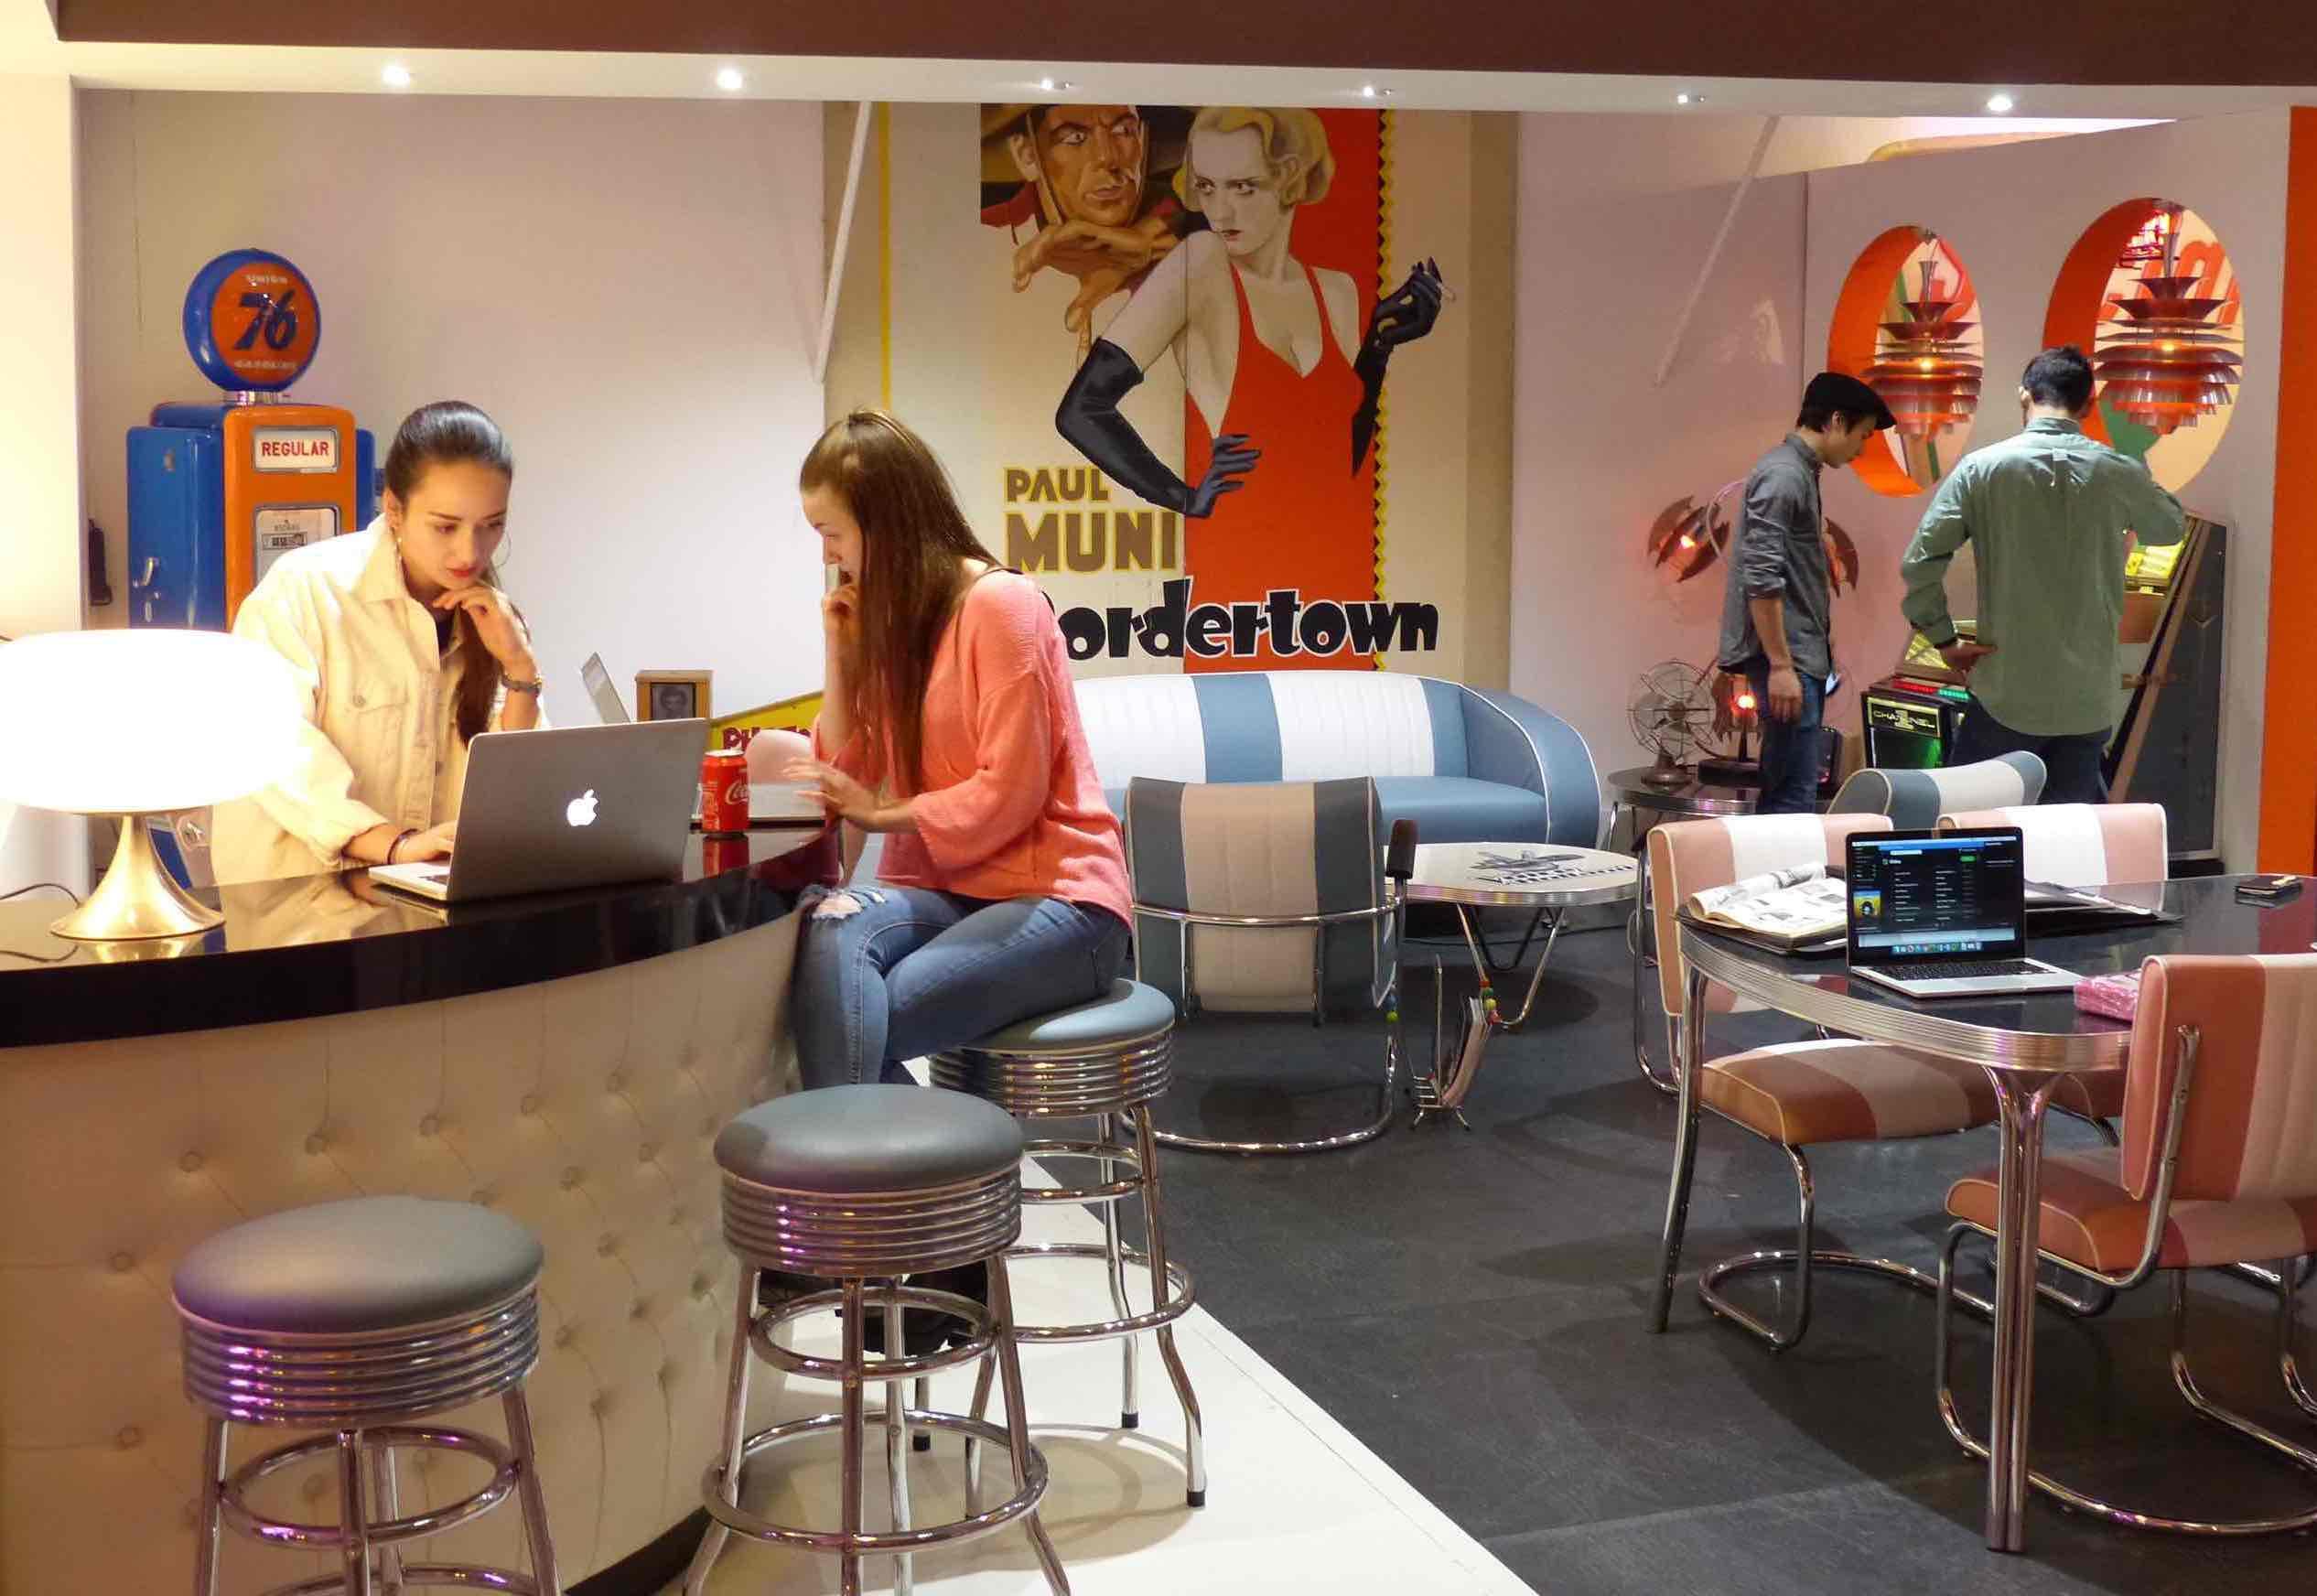 Meubles Cyber Café avec coin bar tabourets et juke box numérique